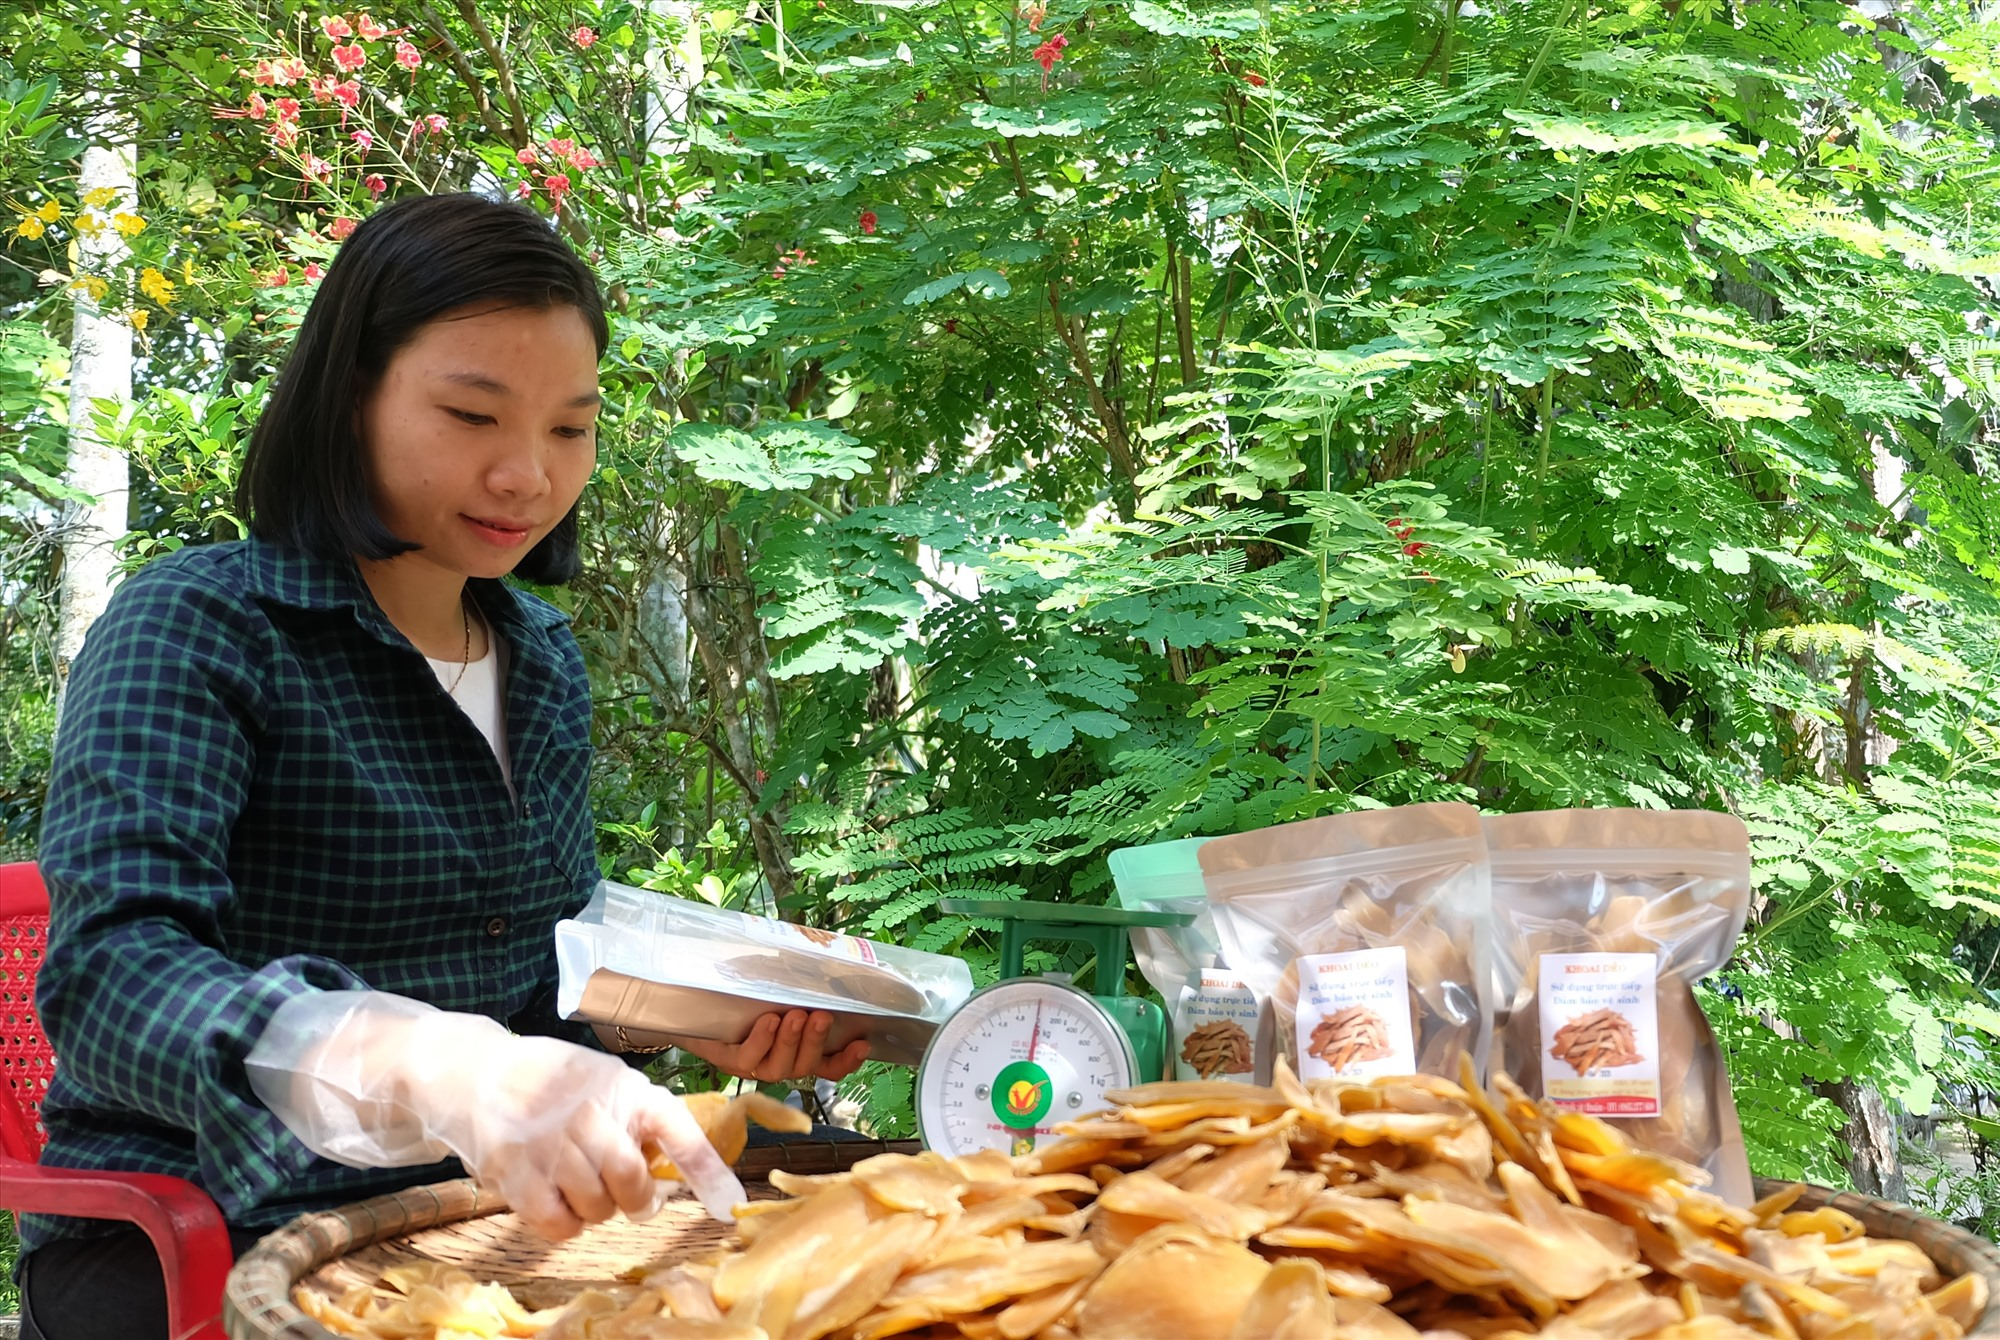 Chị Thuận đang đóng gói bao bì cho món khoai dẻo. Ảnh: M.L